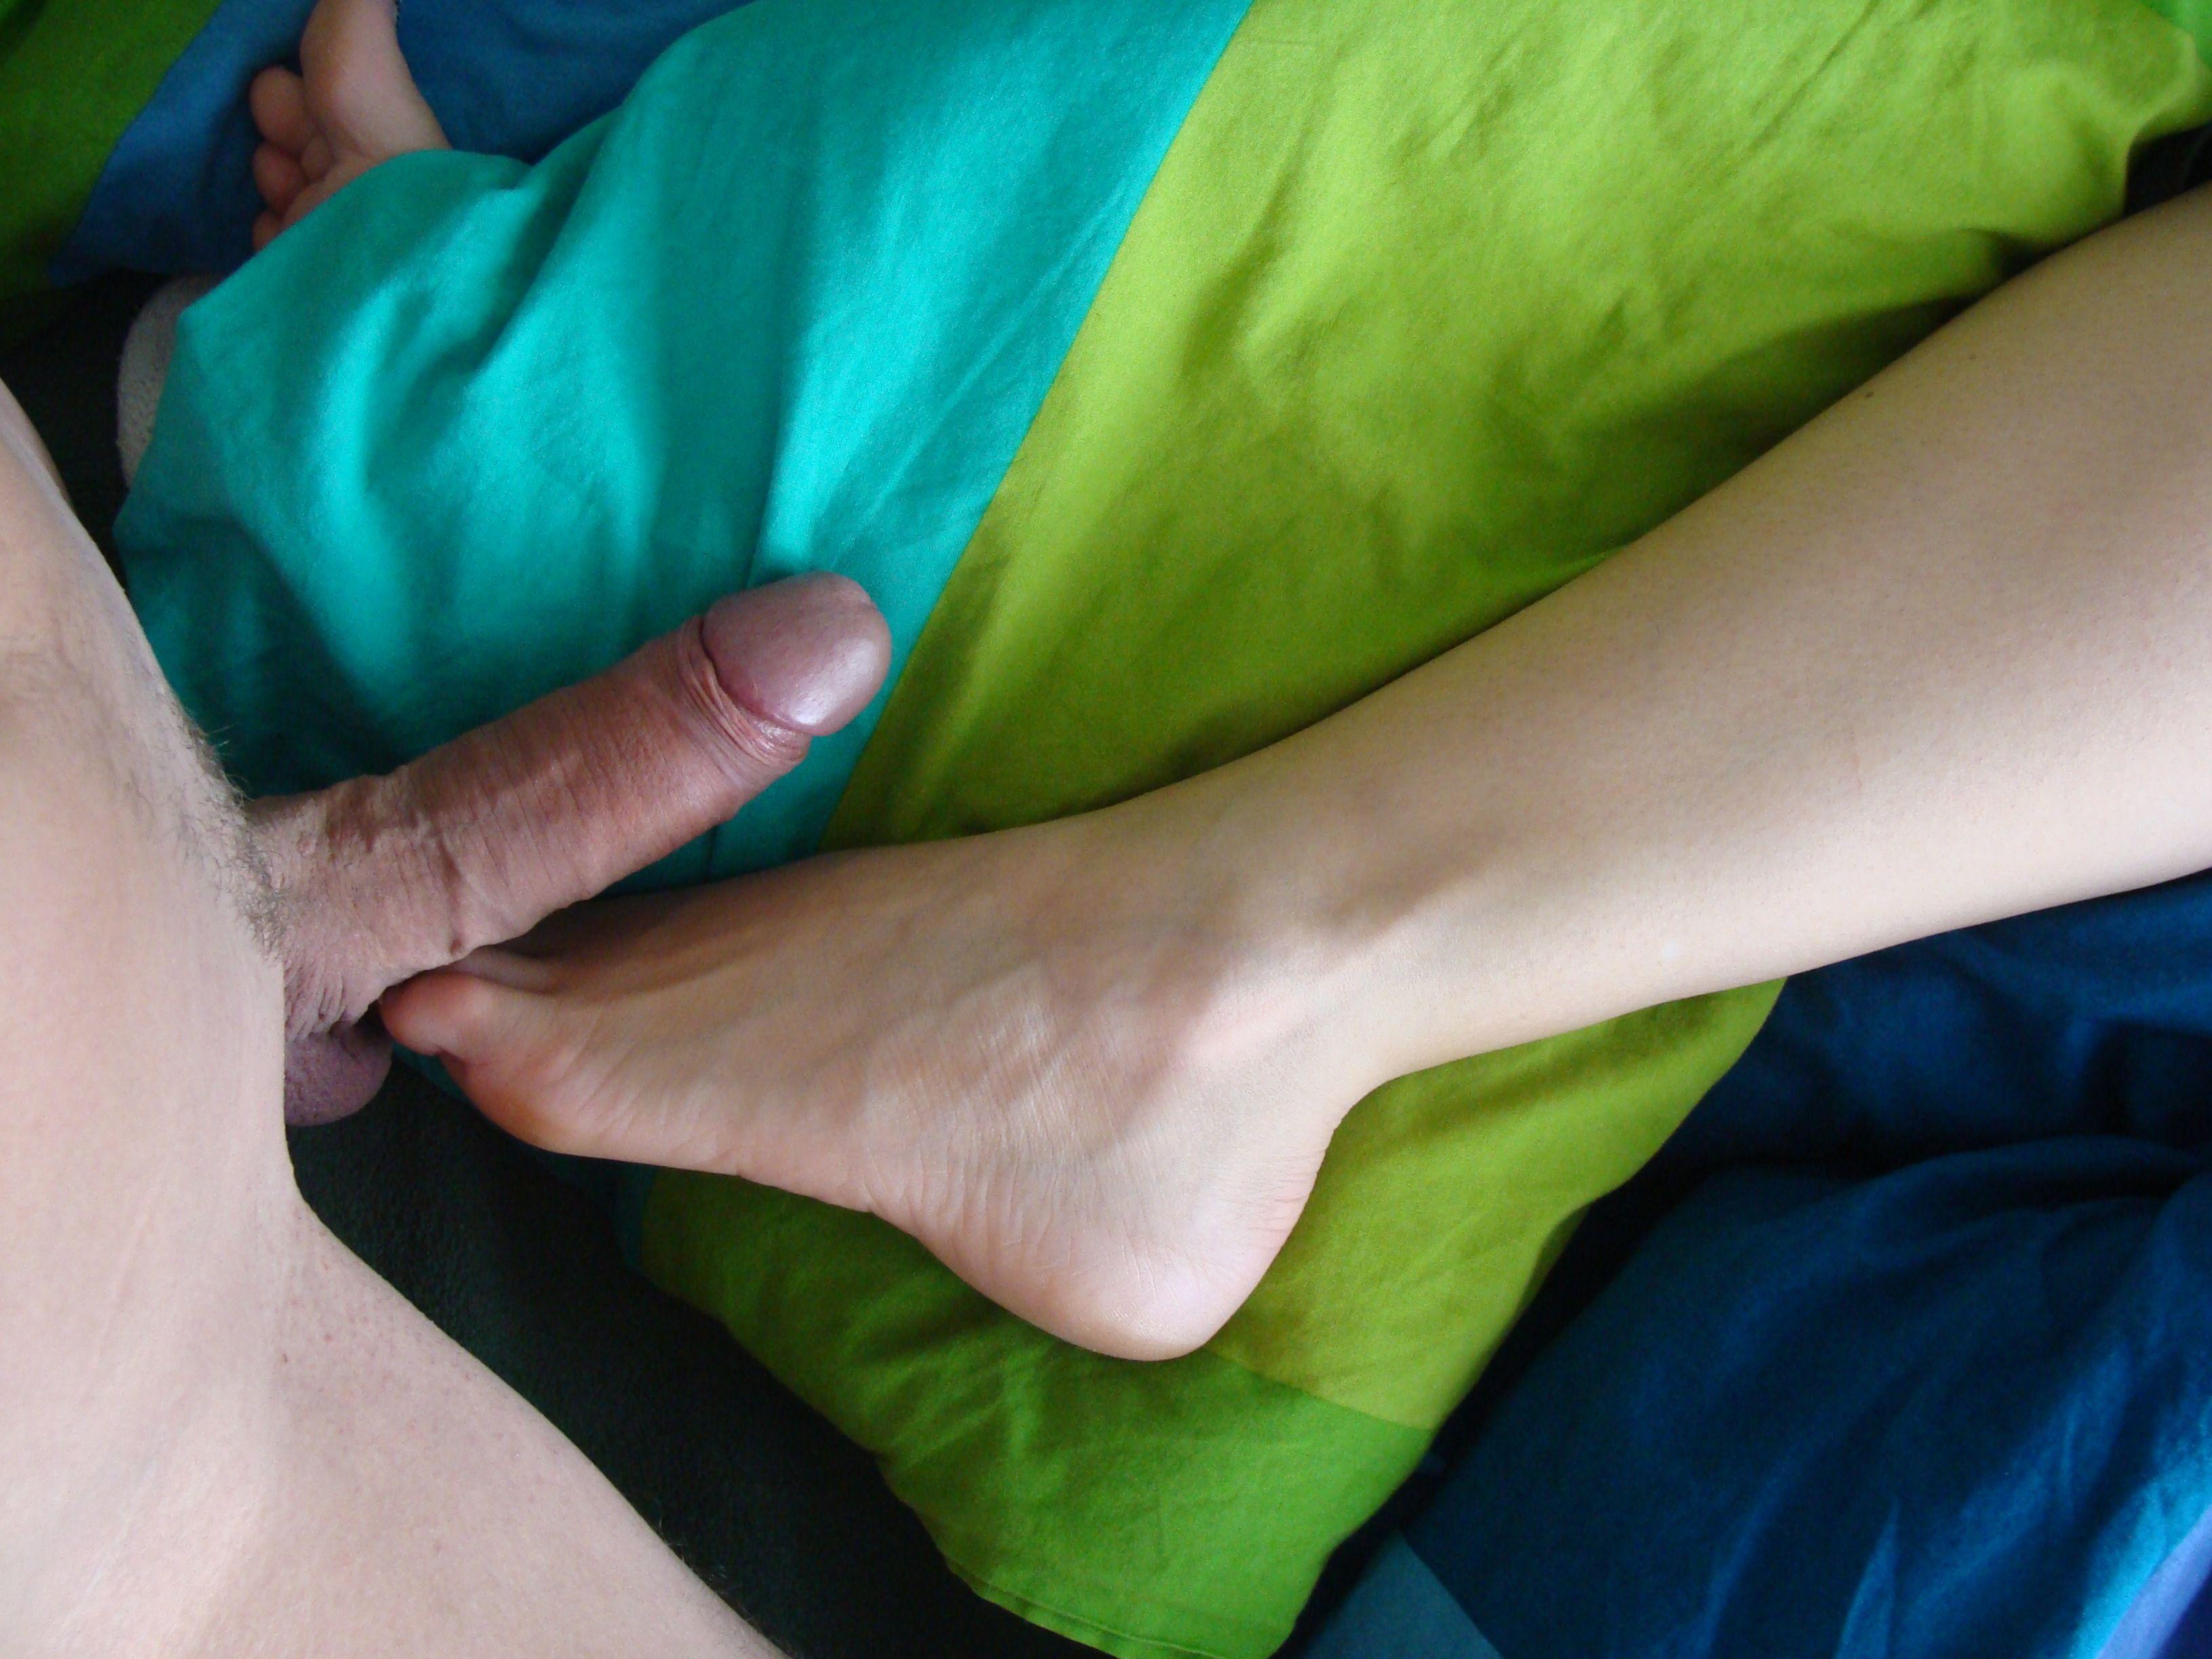 Foot04